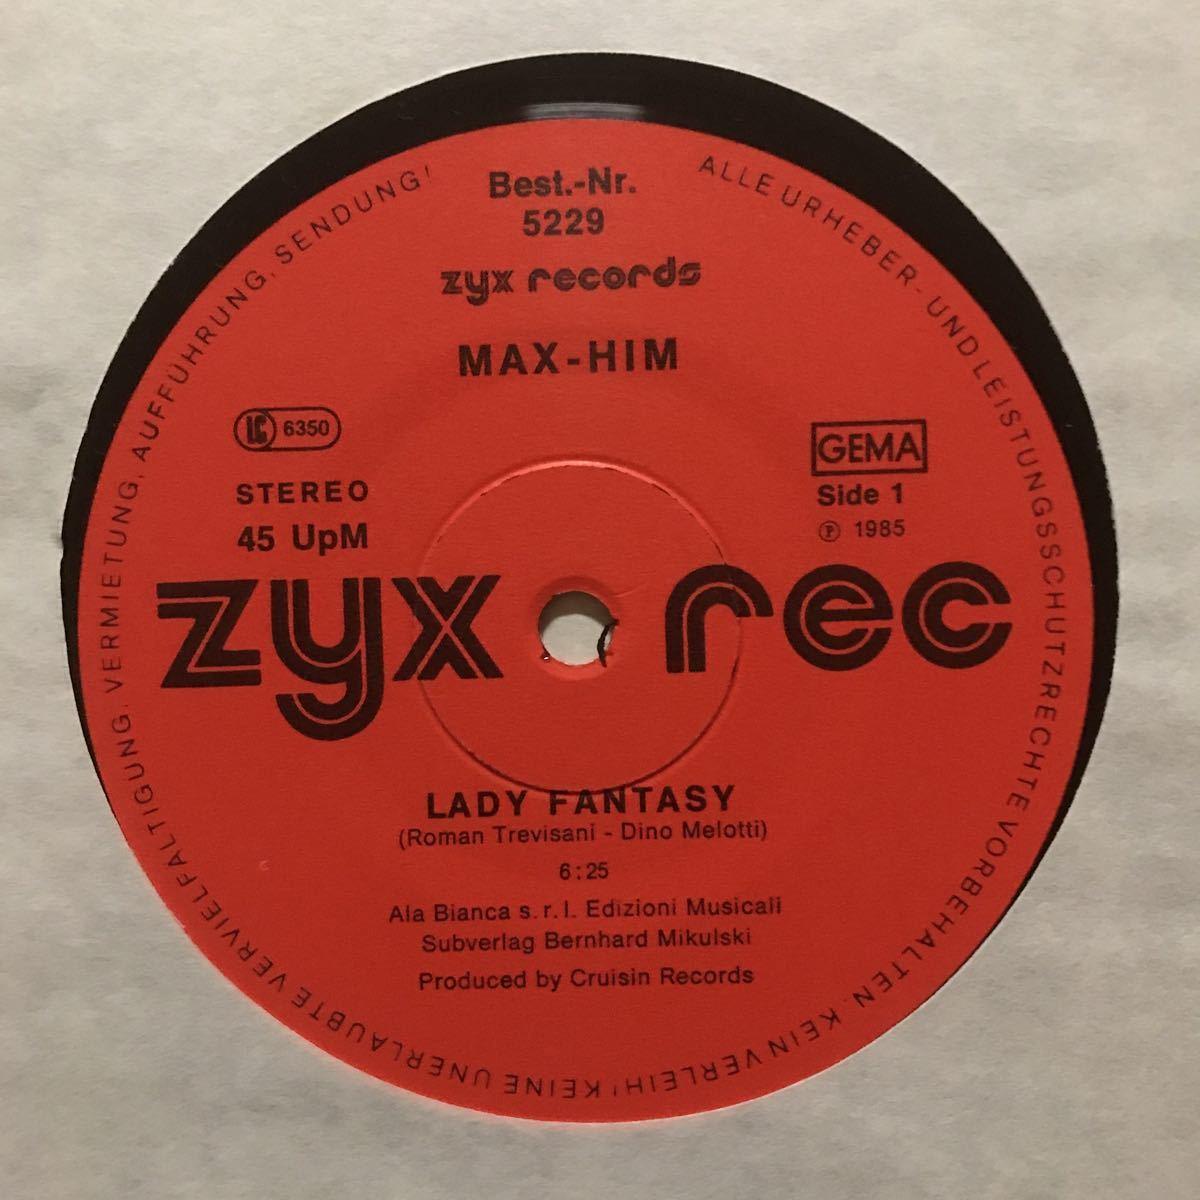 ●【r&b】Max-Him / Lady Fantasy[12inch]オリジナル盤《3-1-53 9595》